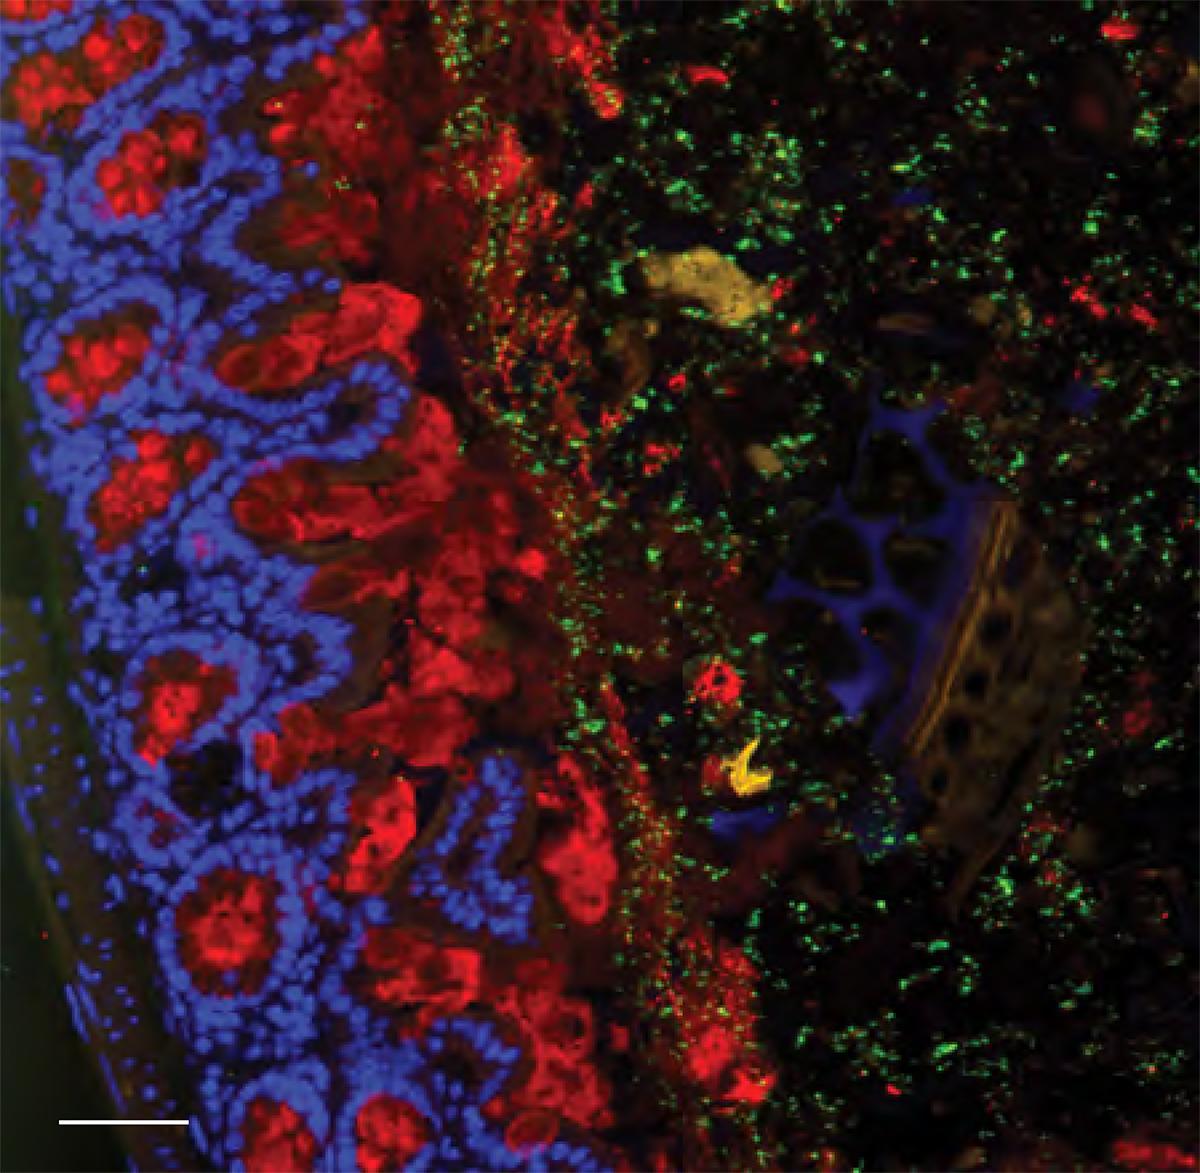 Schleimschicht (rot) hält Escherichia coli (grün) in sicherem Abstand vom Epithel, der Zellschicht der Darmwand, und verhindert, dass sie in darunterliegendes Gewebe durchdringen. Daher ist die Schleimschicht wichtig als Schutz vor Infektionen und Entzündungen.  © Bahtiyar Yilmaz, Universität Bern